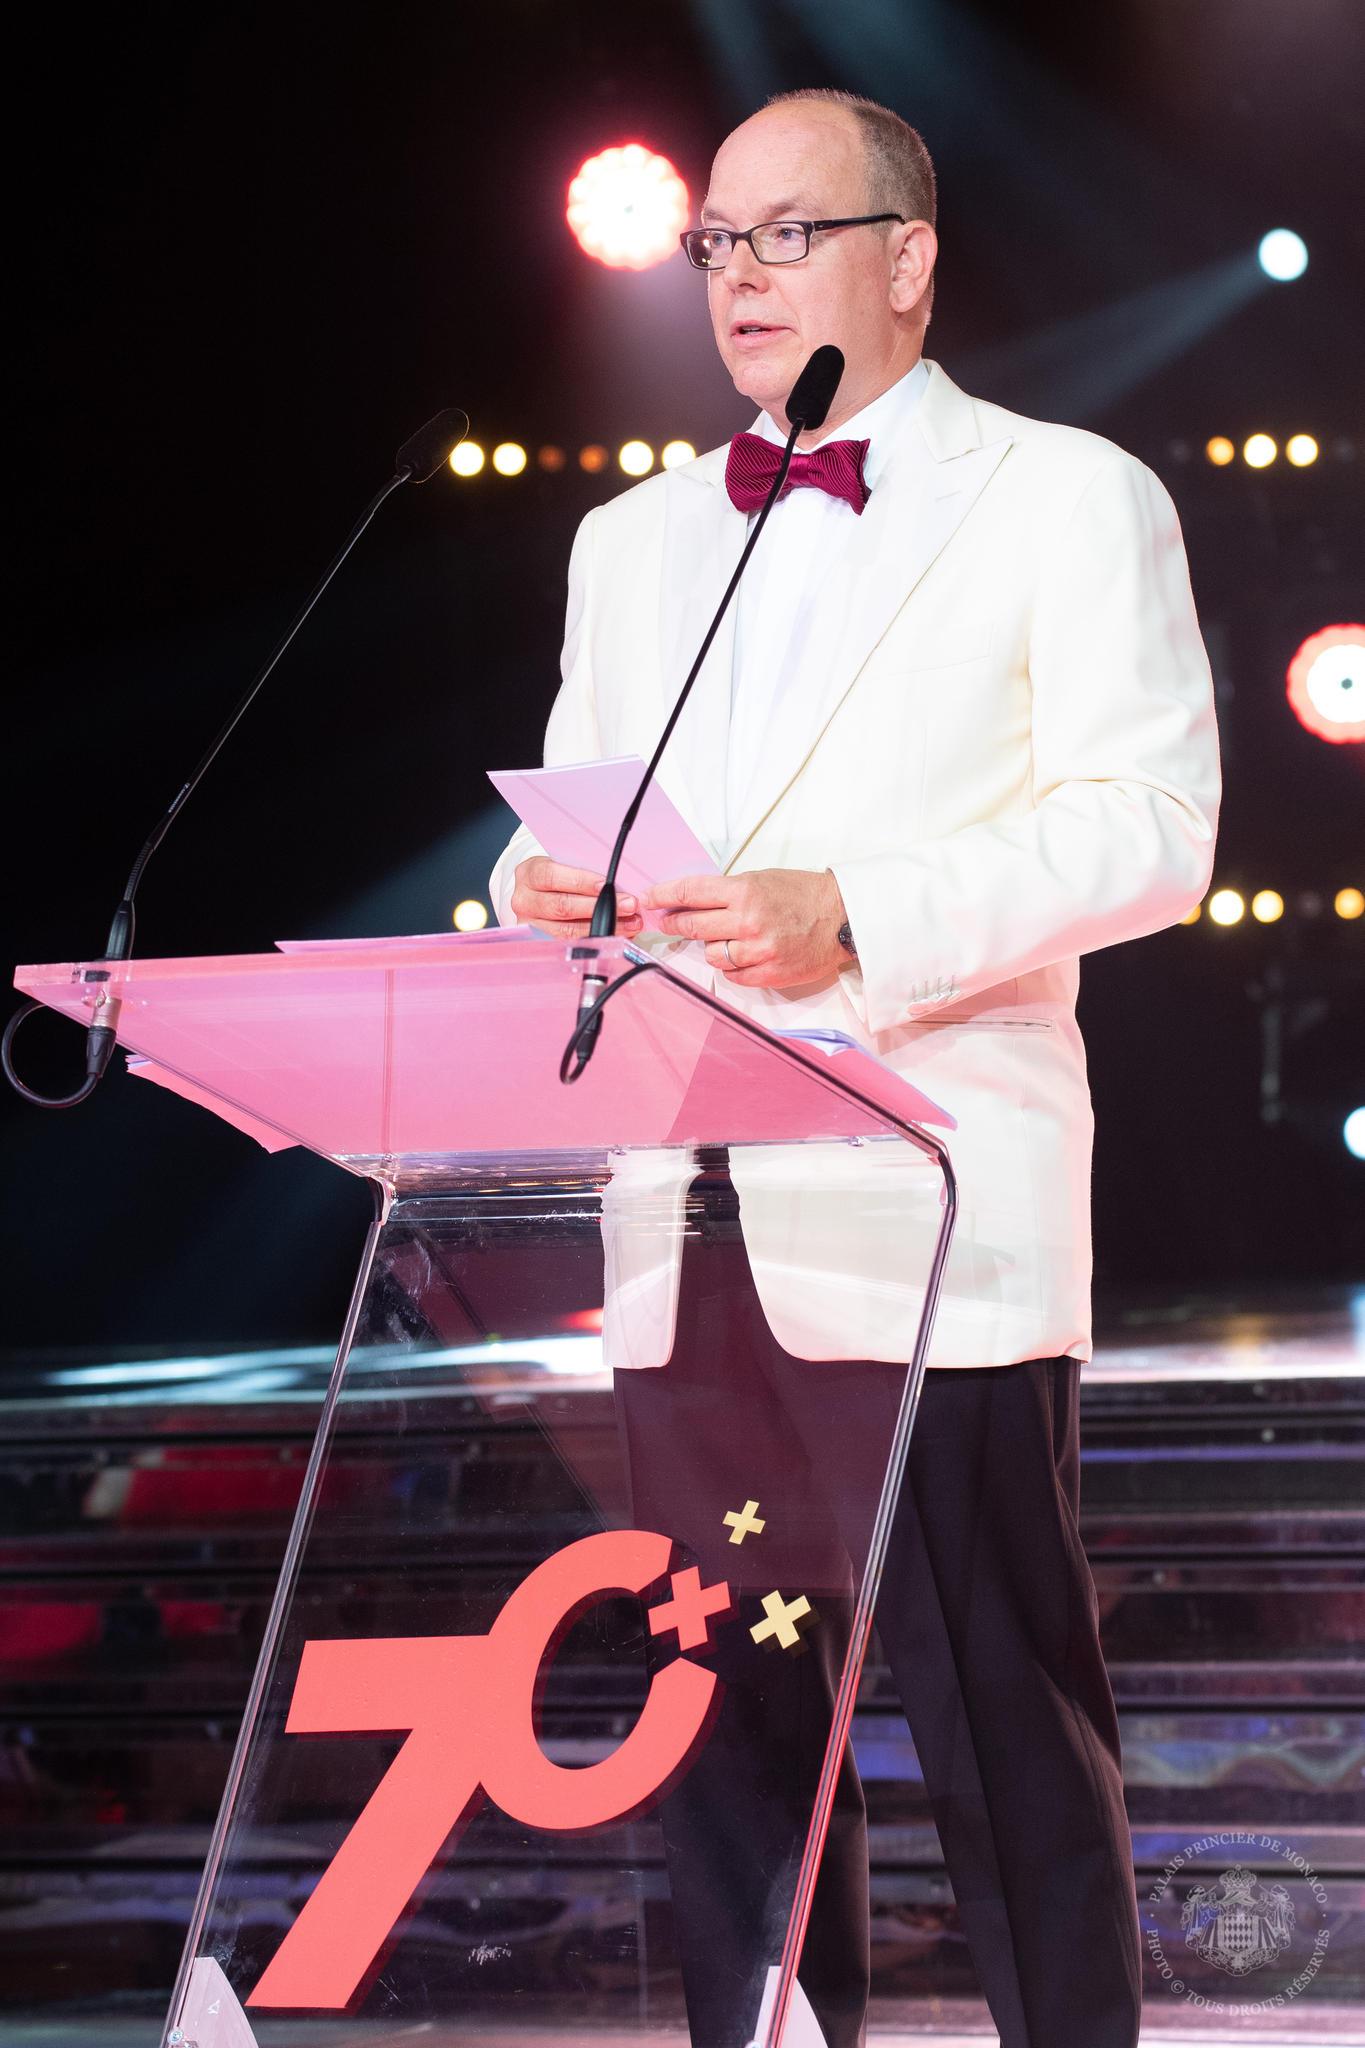 Fürst Albert absolviert oftmals 16-Stunden Arbeitstage. Zuletzt eröffnete er in Monaco den Rot-Kreuz-Ball, obwohl er sich noch von einer Lungenentzündung erholt. Nun willer sich erstmal einen langen Familienurlaub gönnen.